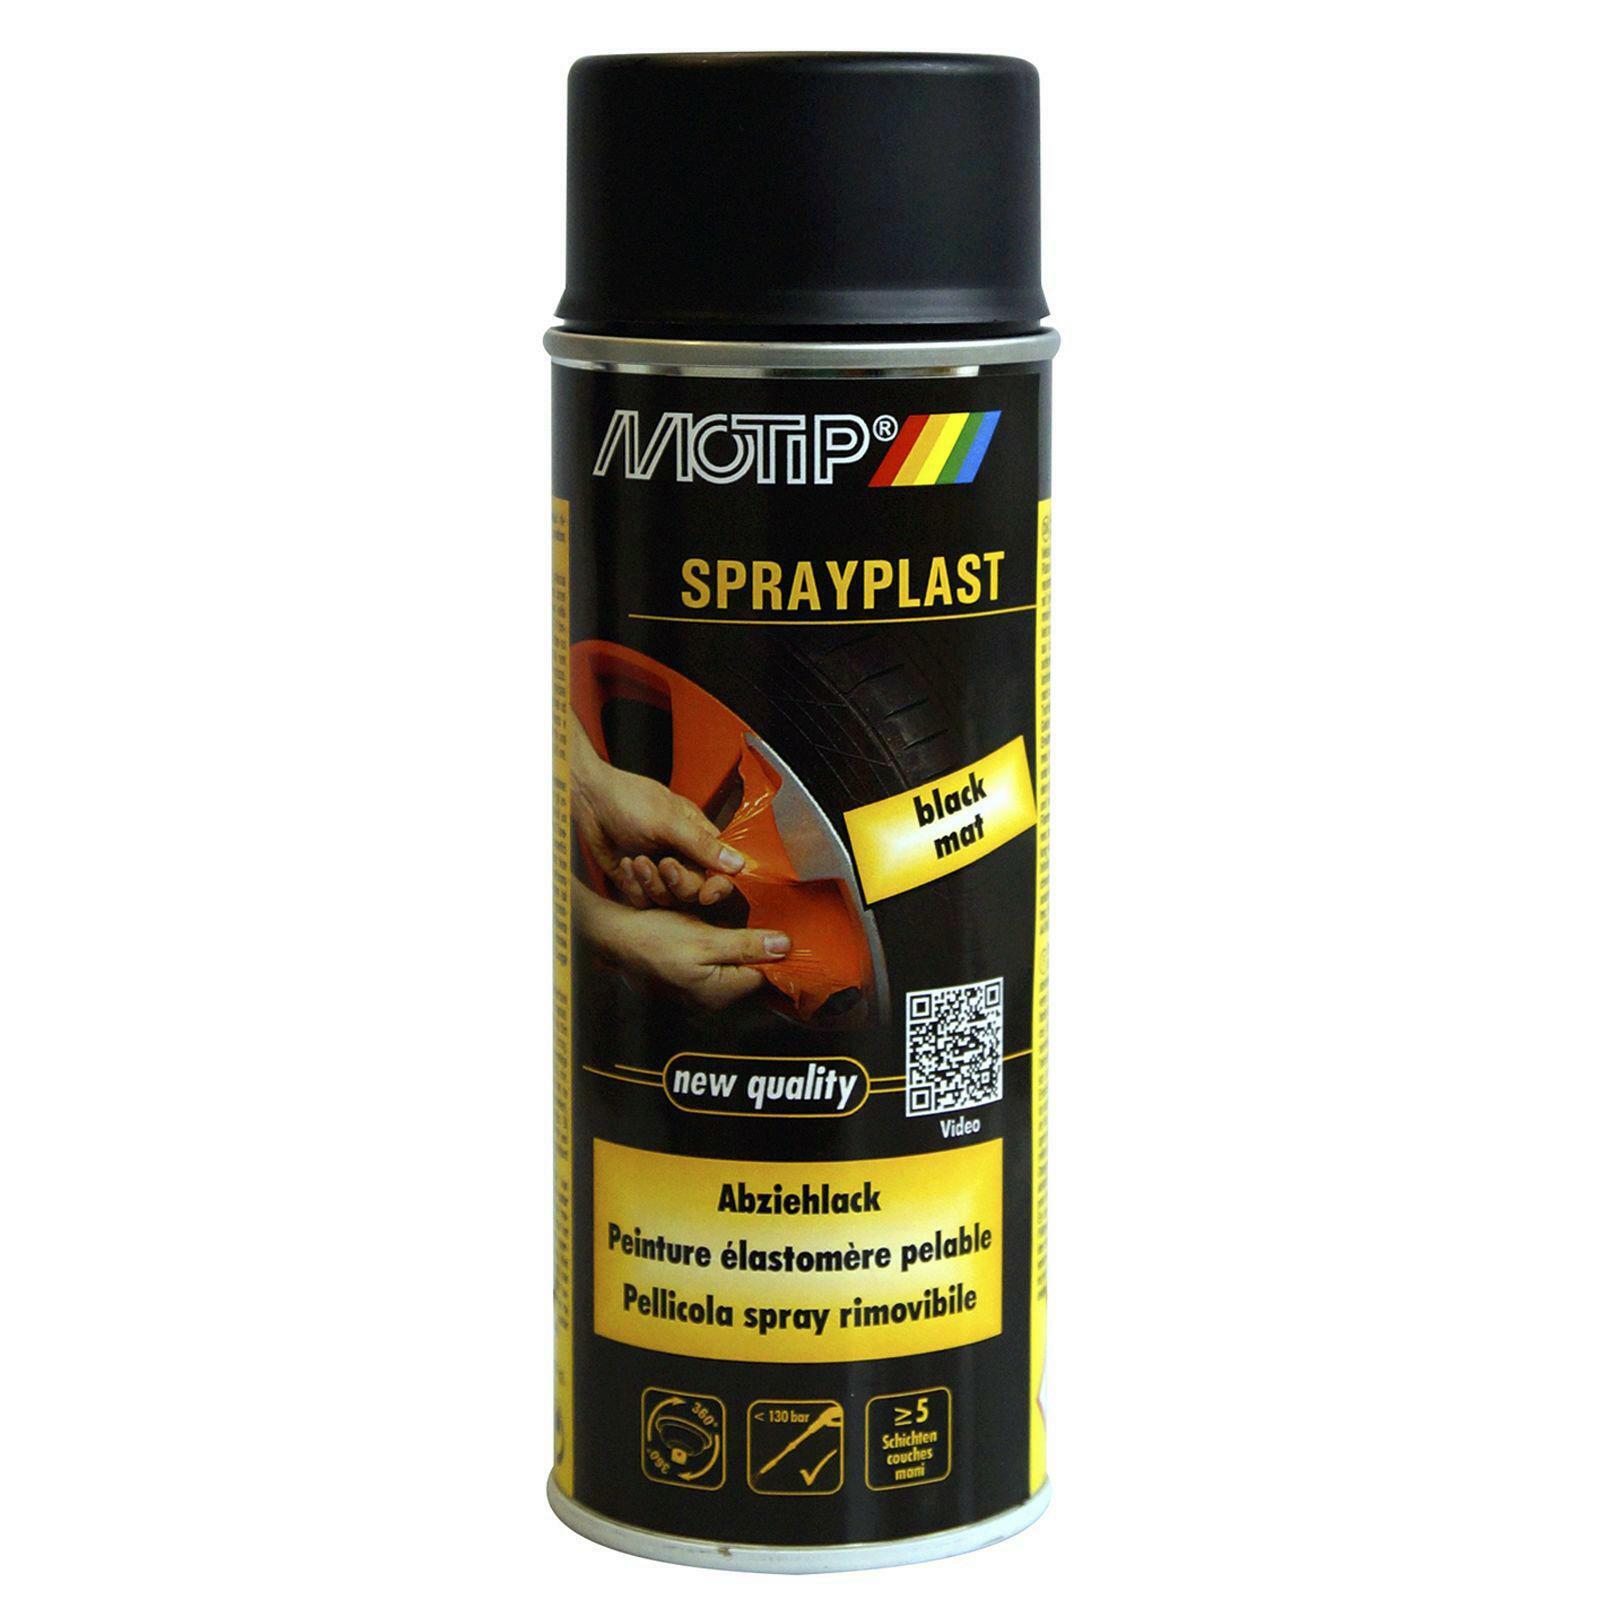 MOTIP Sprayplast Abziehlack schwarz matt 400ml